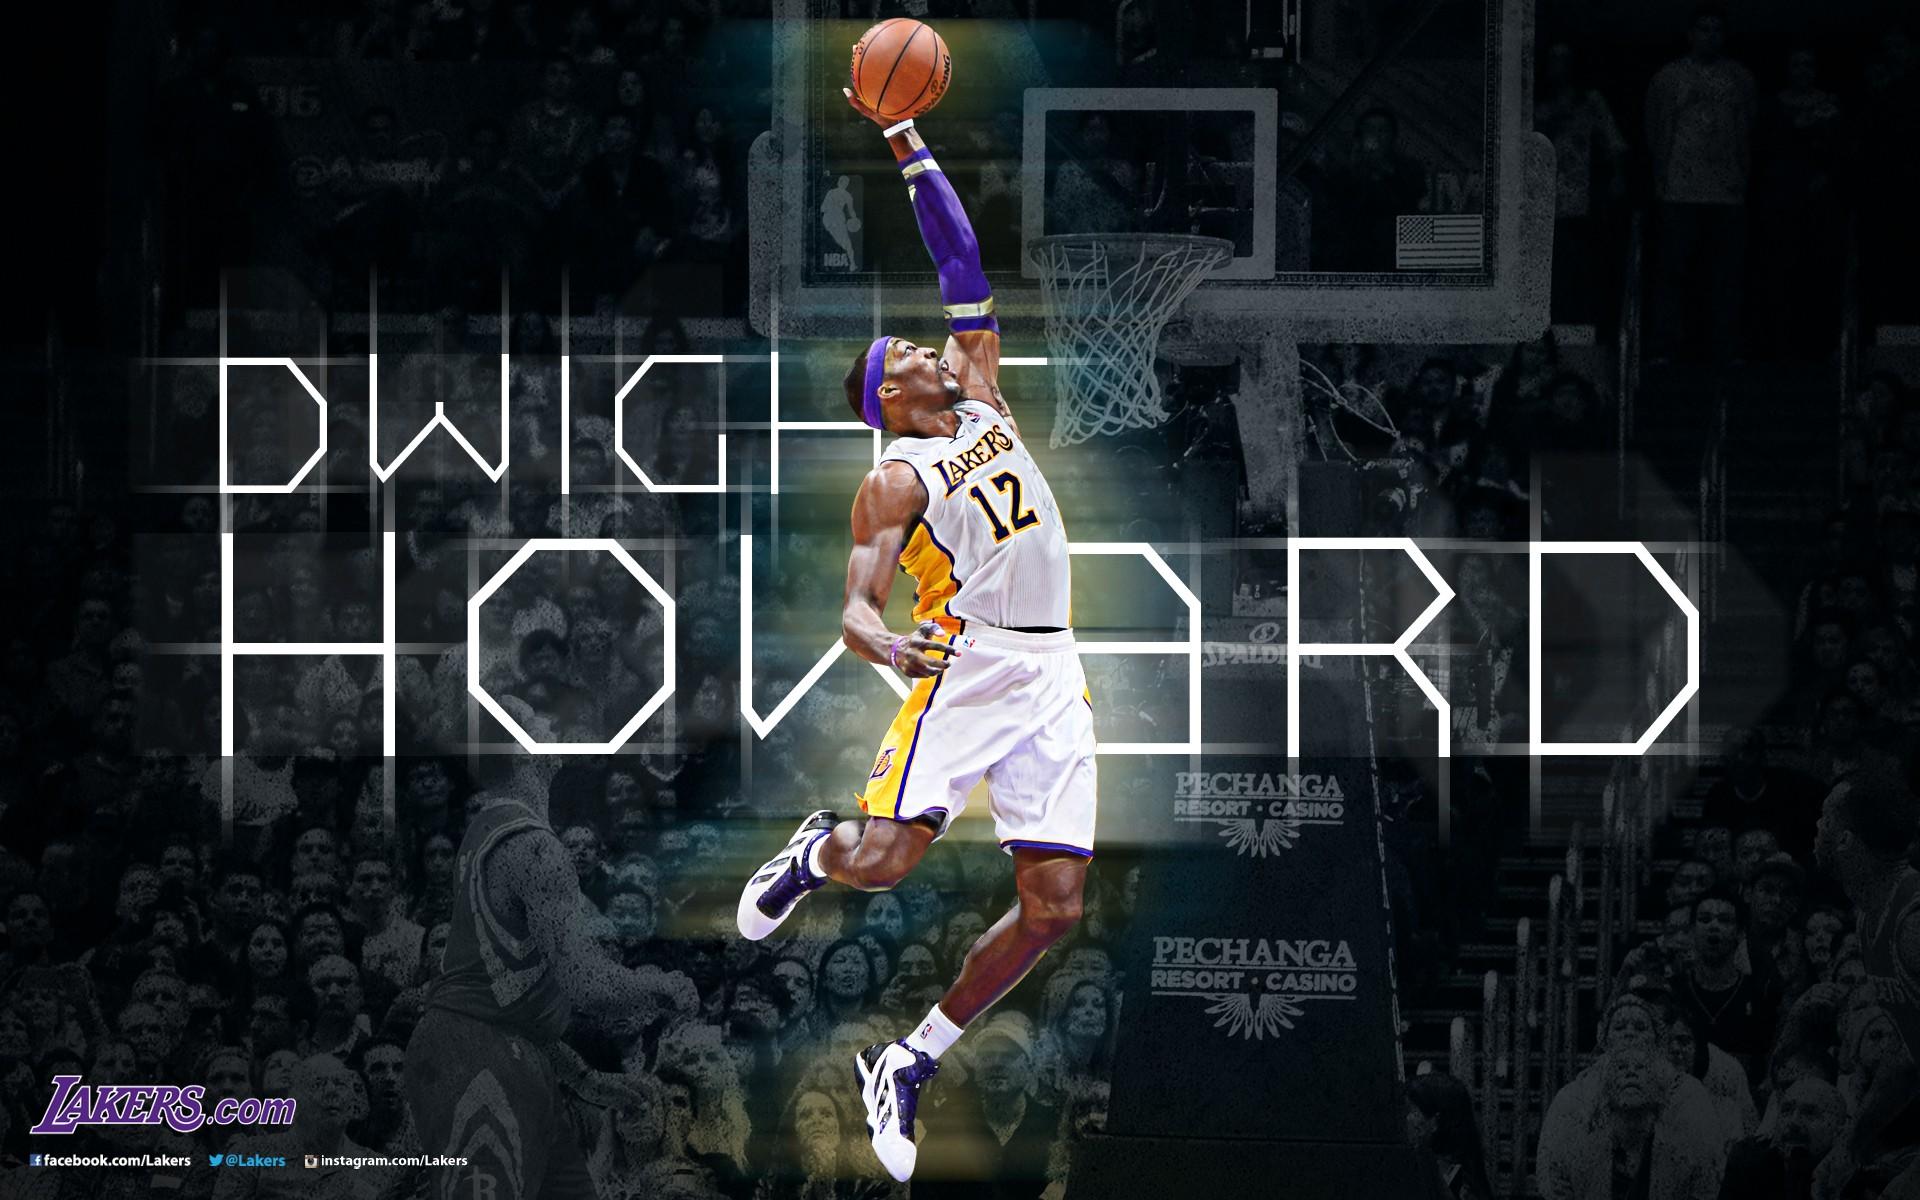 广告代码_NBA篮球巨星桌面壁纸大全 高清桌面壁纸下载 -找素材网